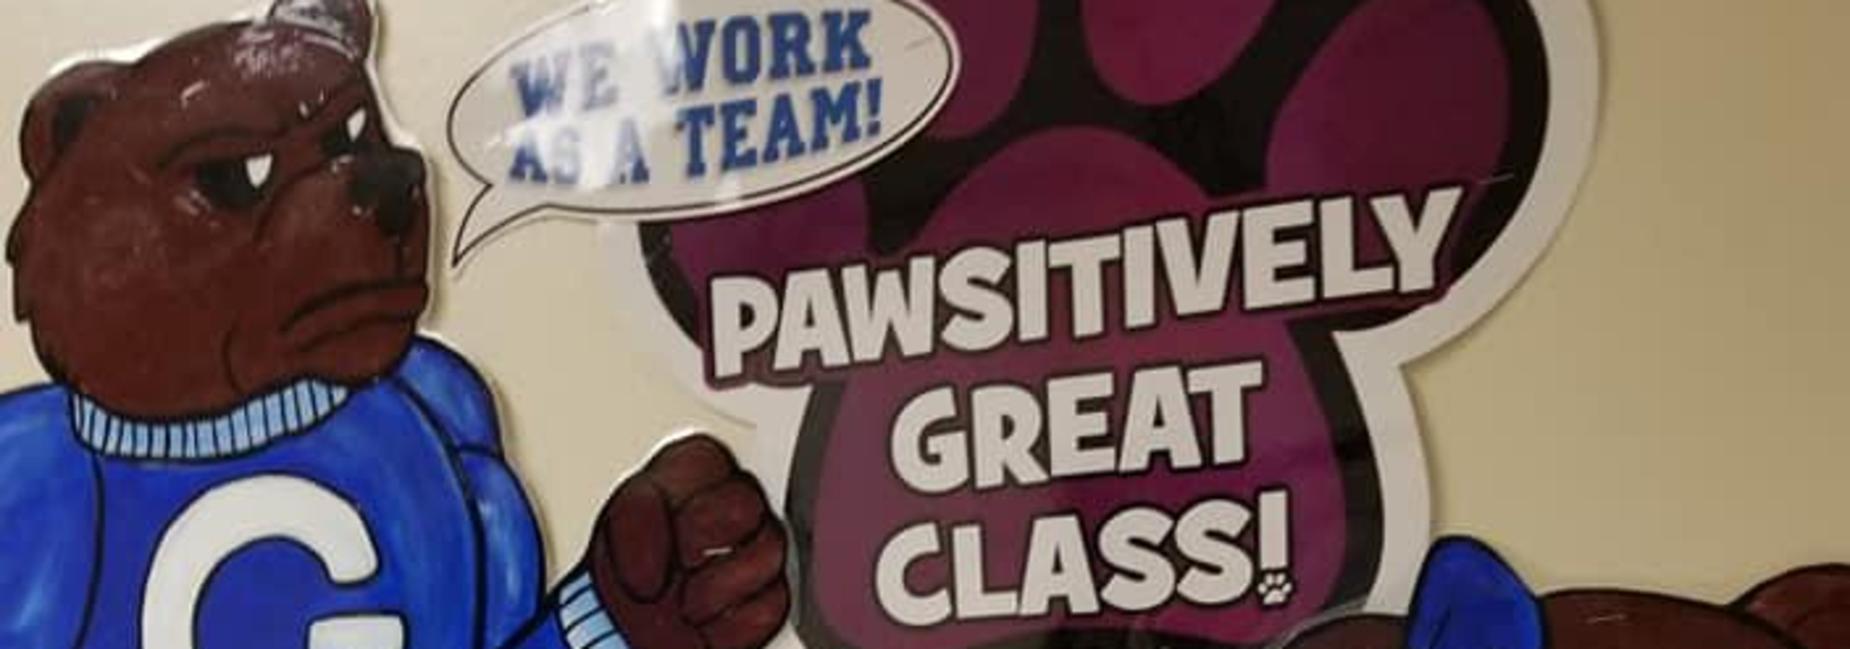 positive bears